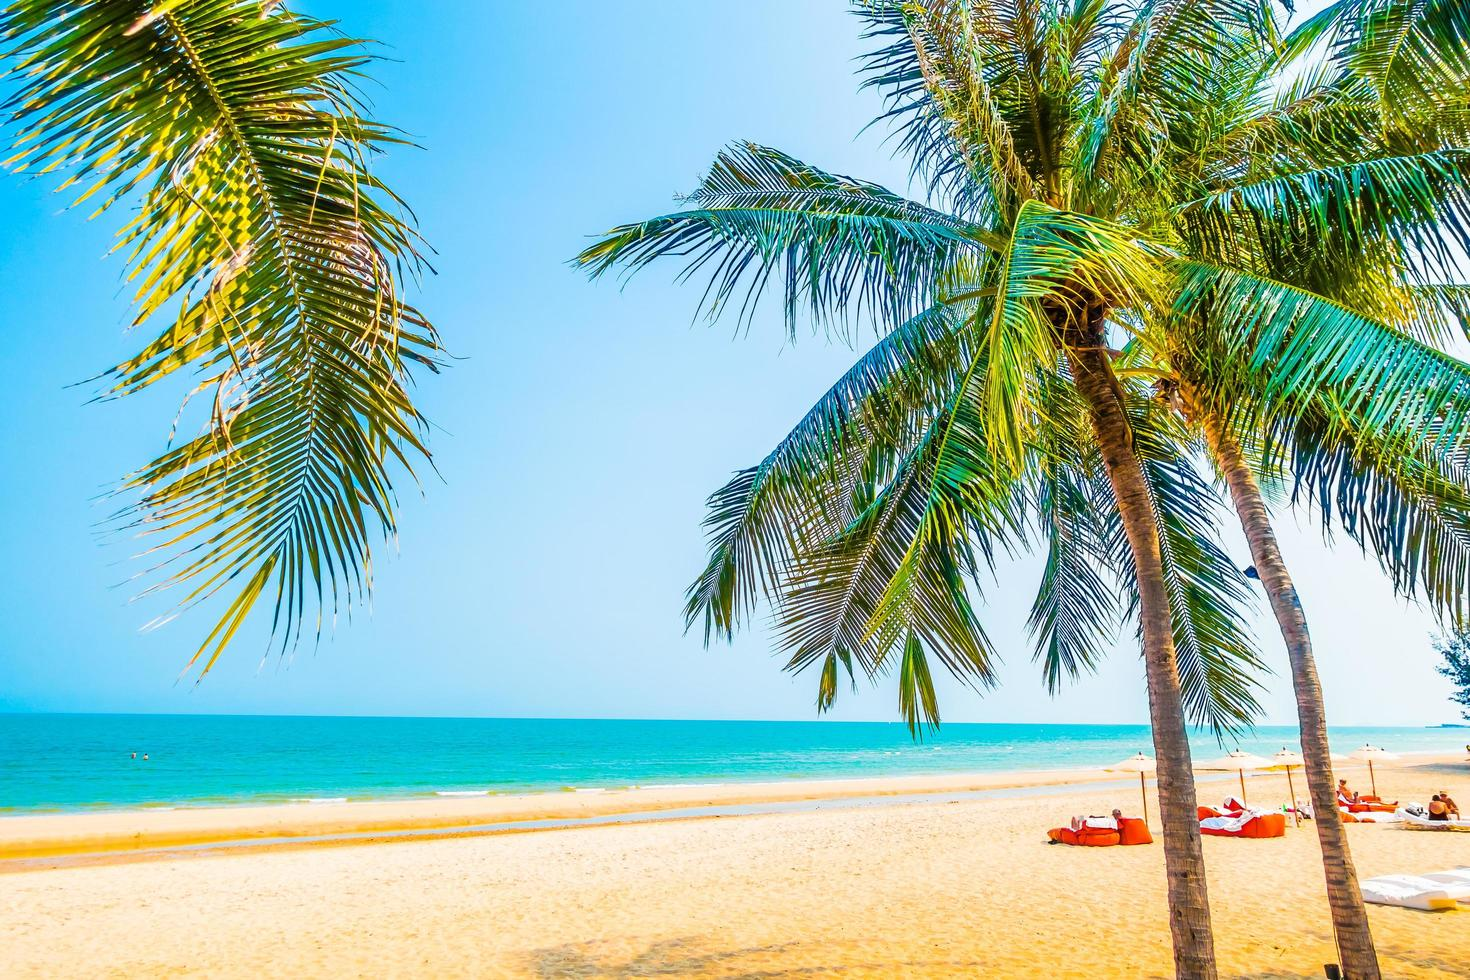 schöne Palme am Strand foto